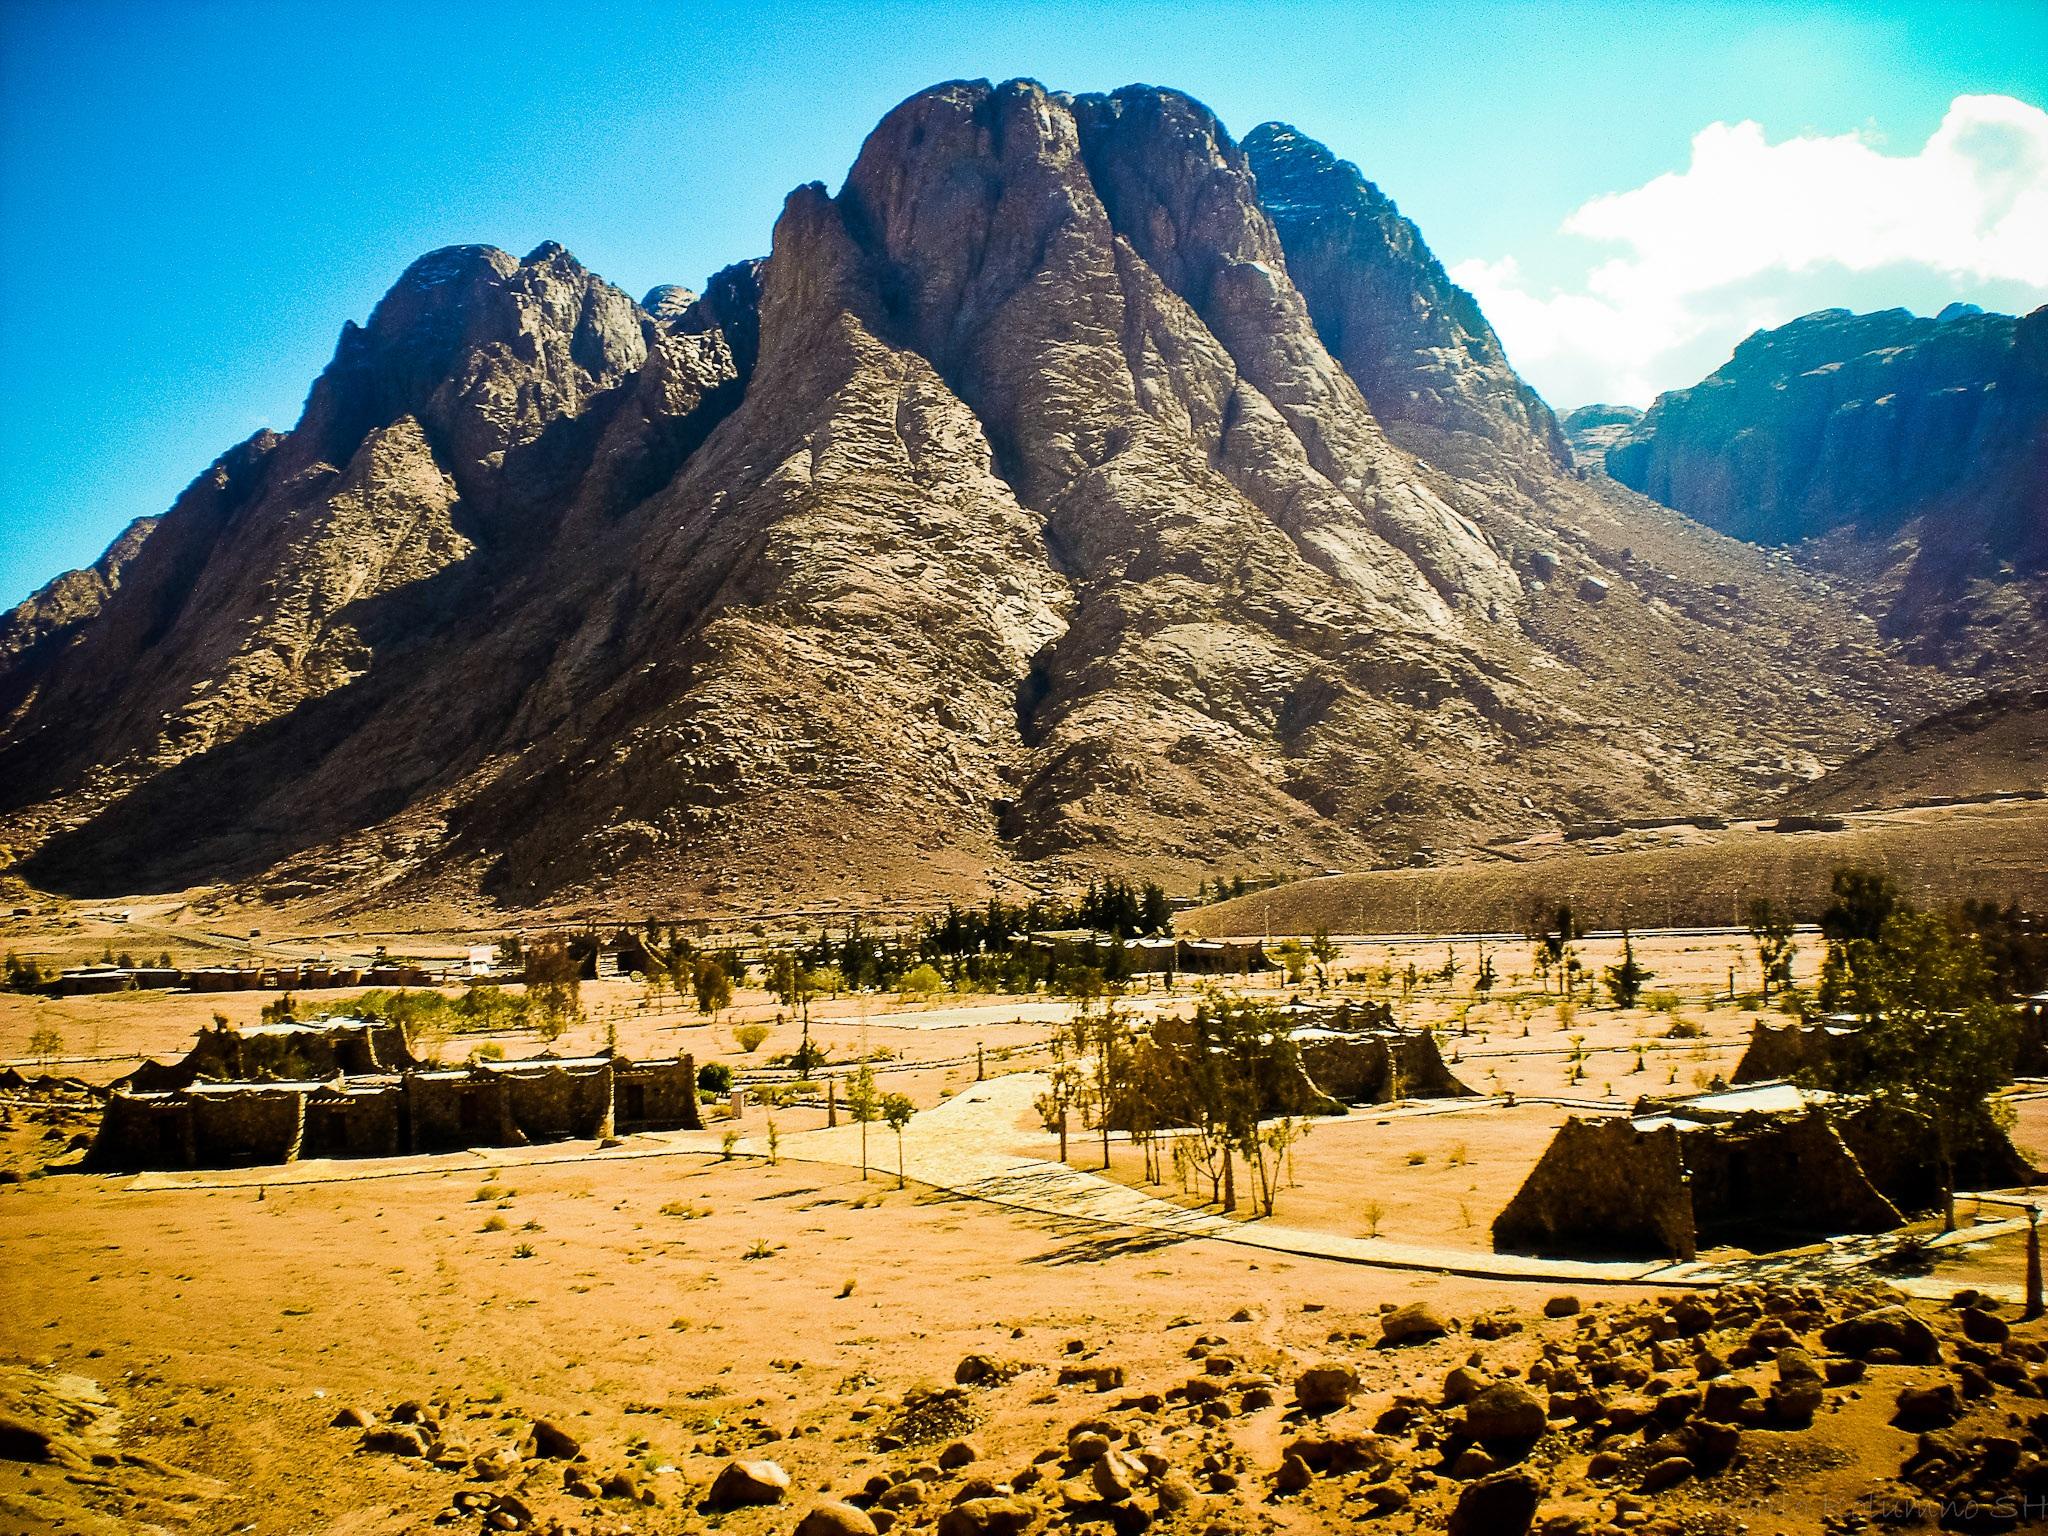 Картинки пейзажа египта